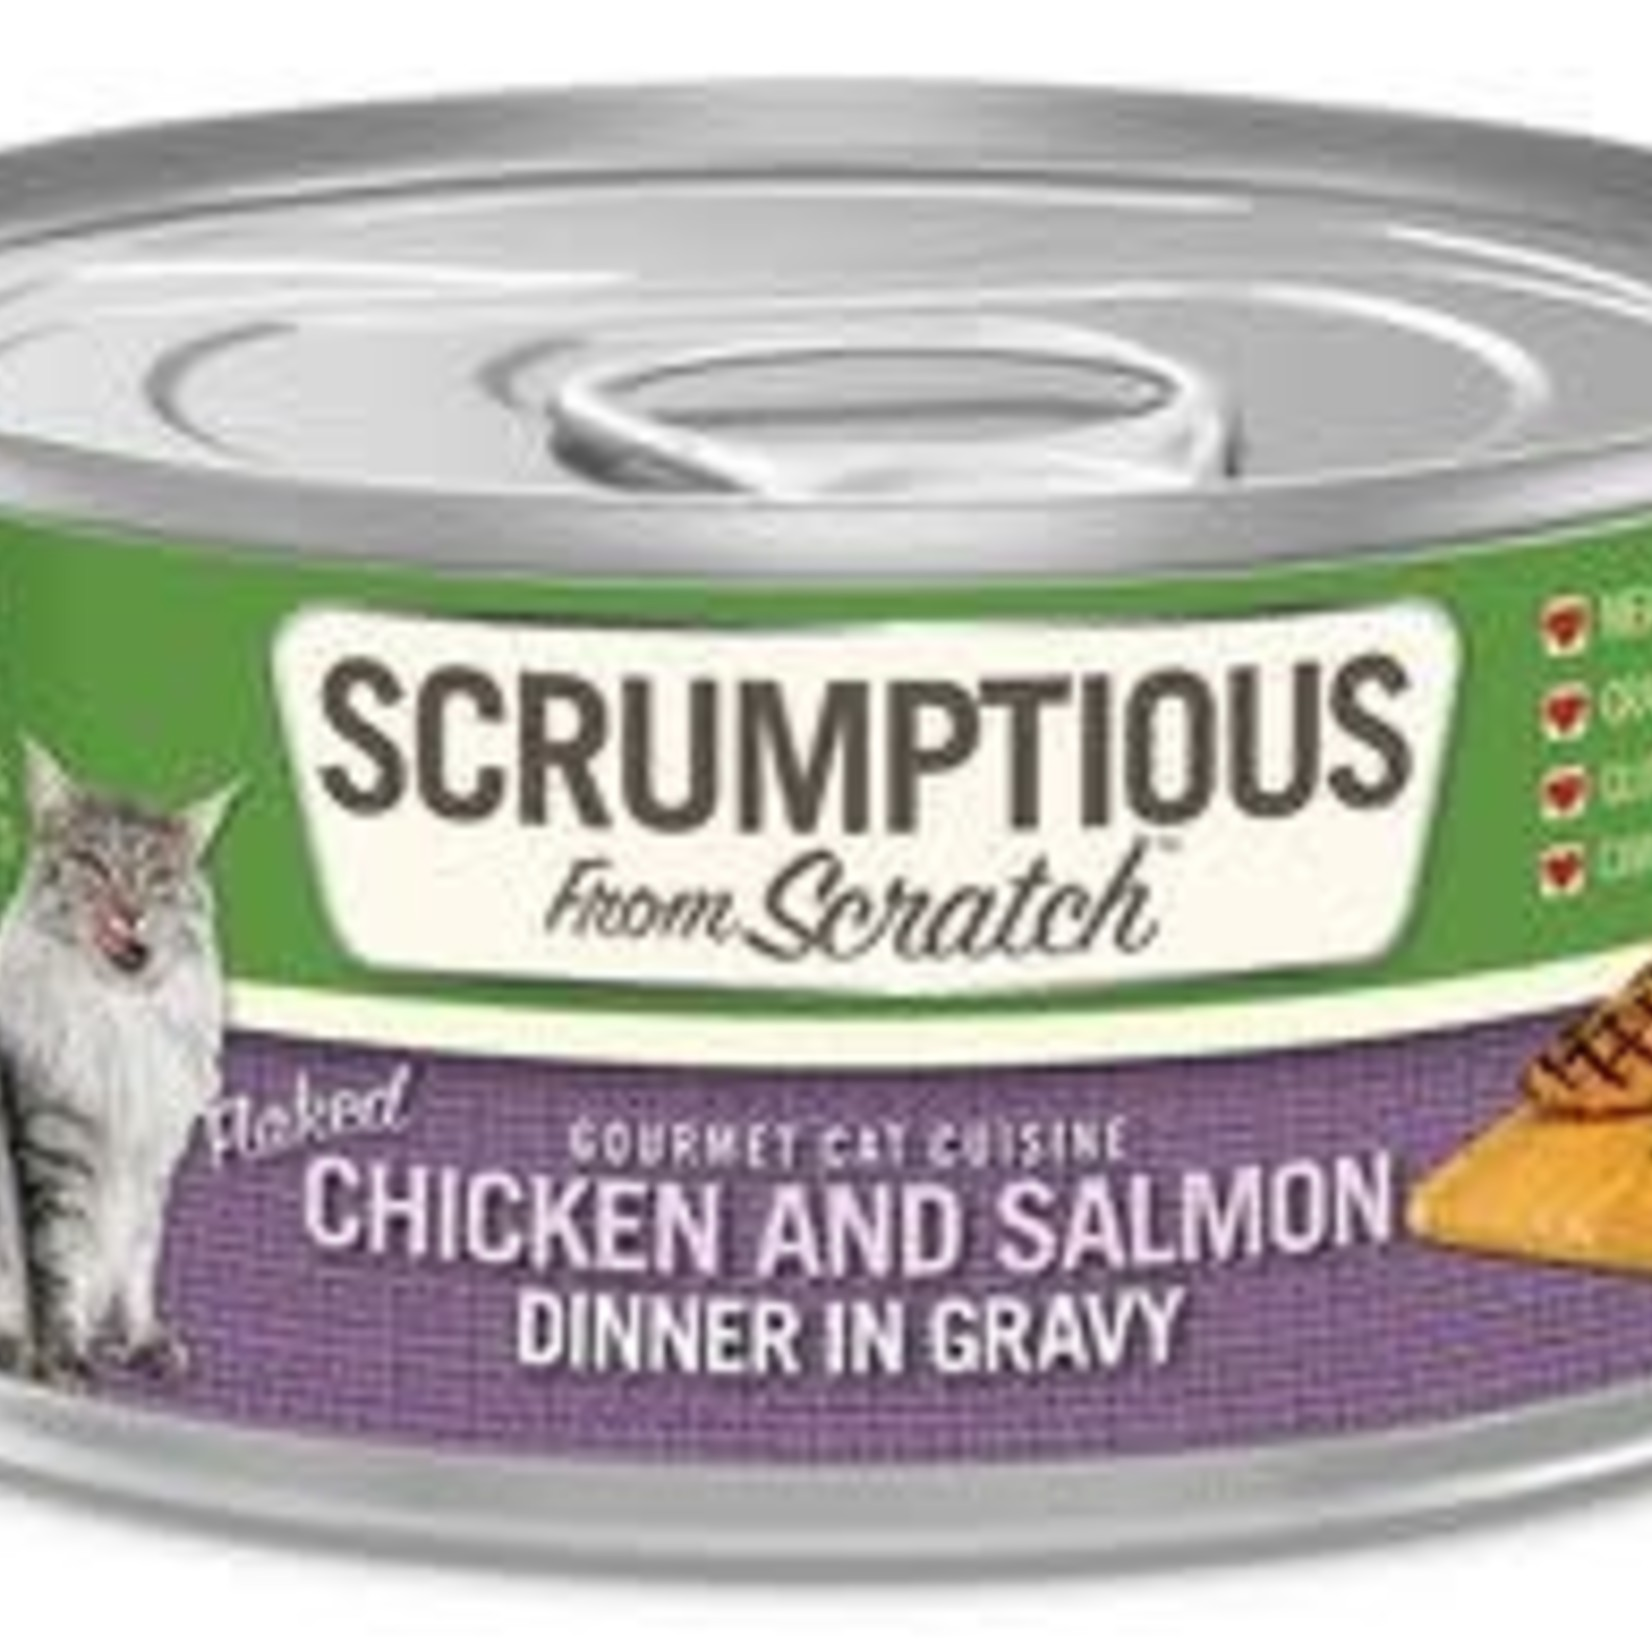 Scrumptious Scrumptious Cat Chicken & Salmon Gravy 2.8 OZ